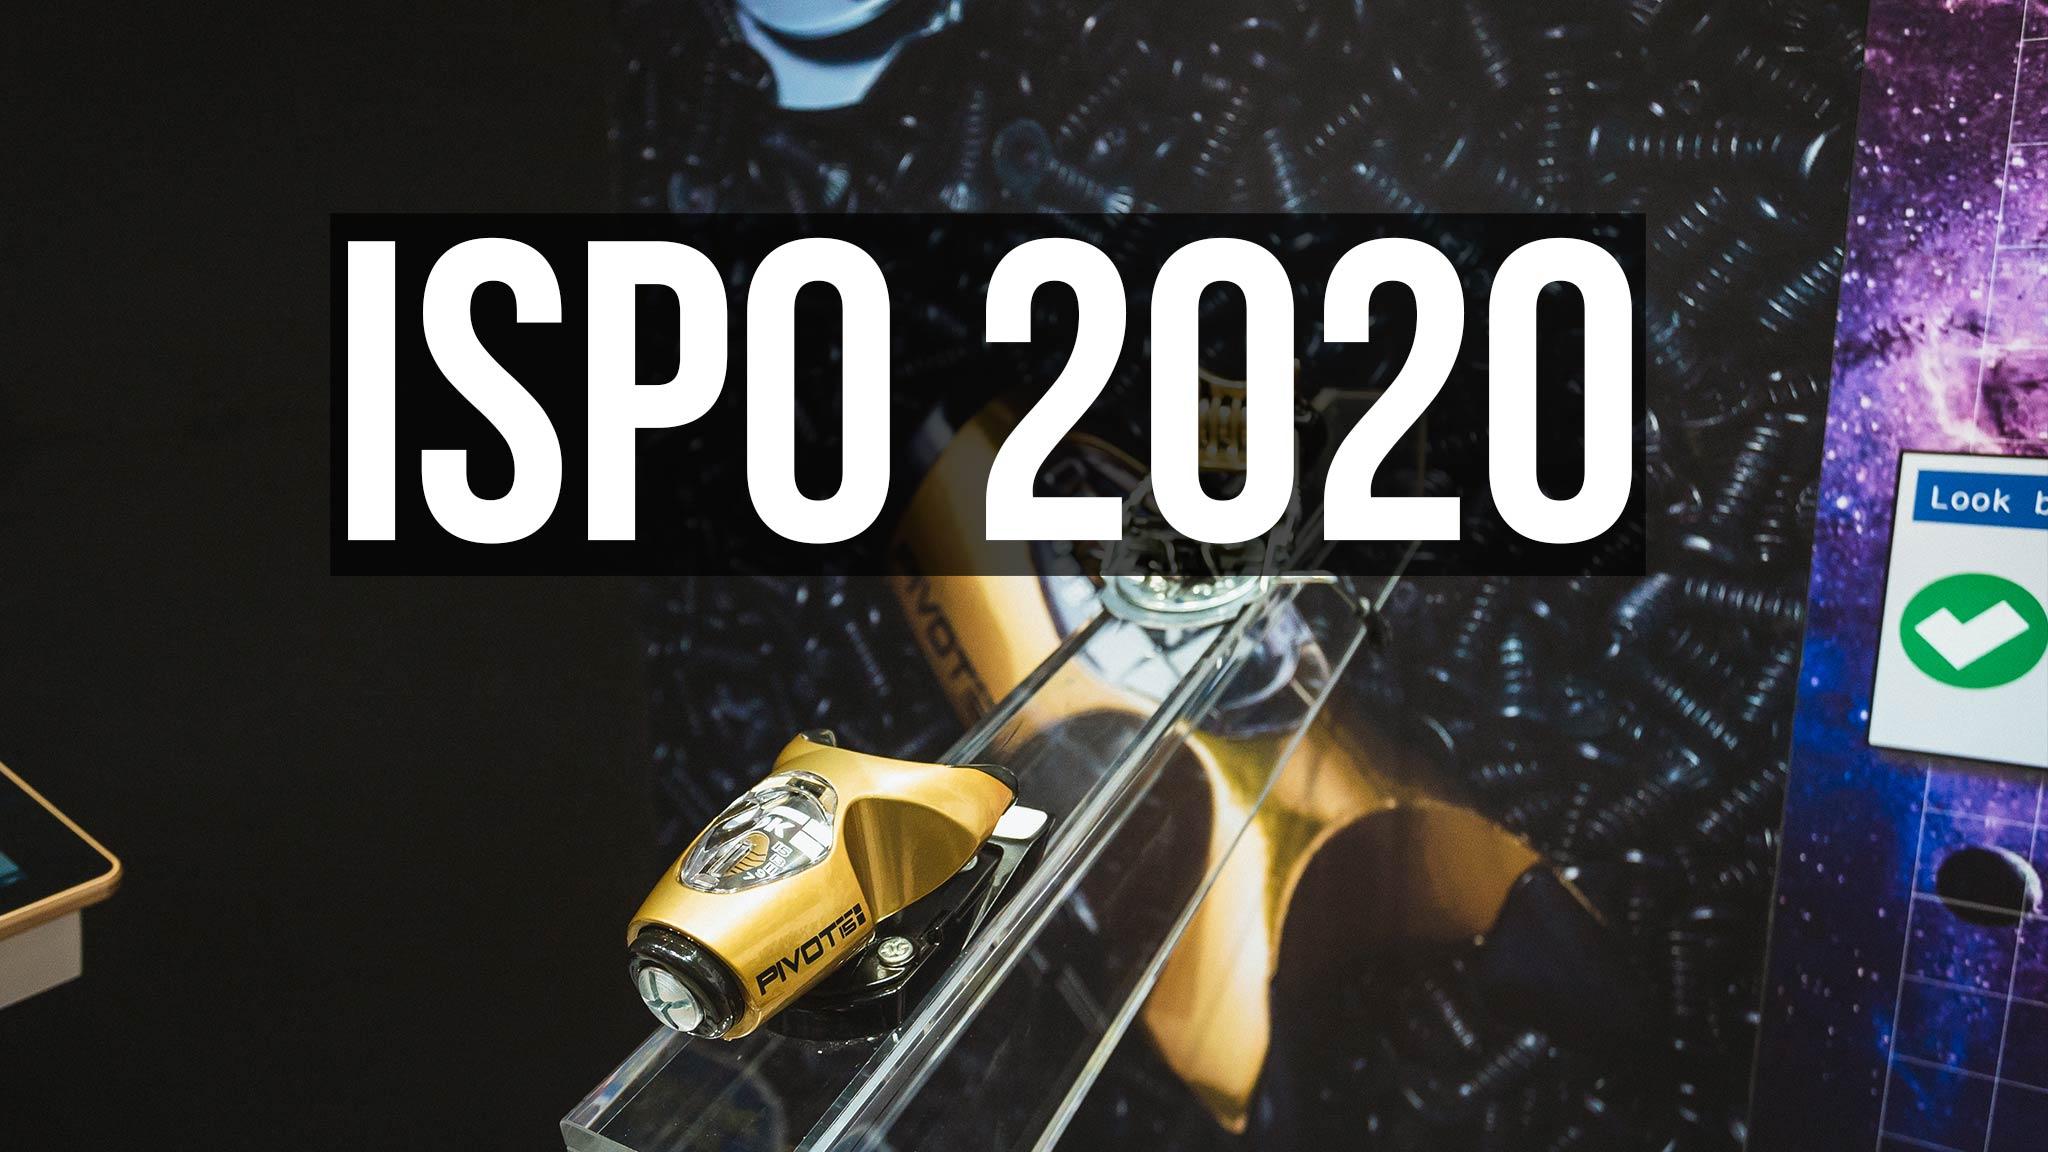 ISPO 2020 – Alle Boots- und Bindungs-Highligts von Marker, Dalbello, Look & Co.